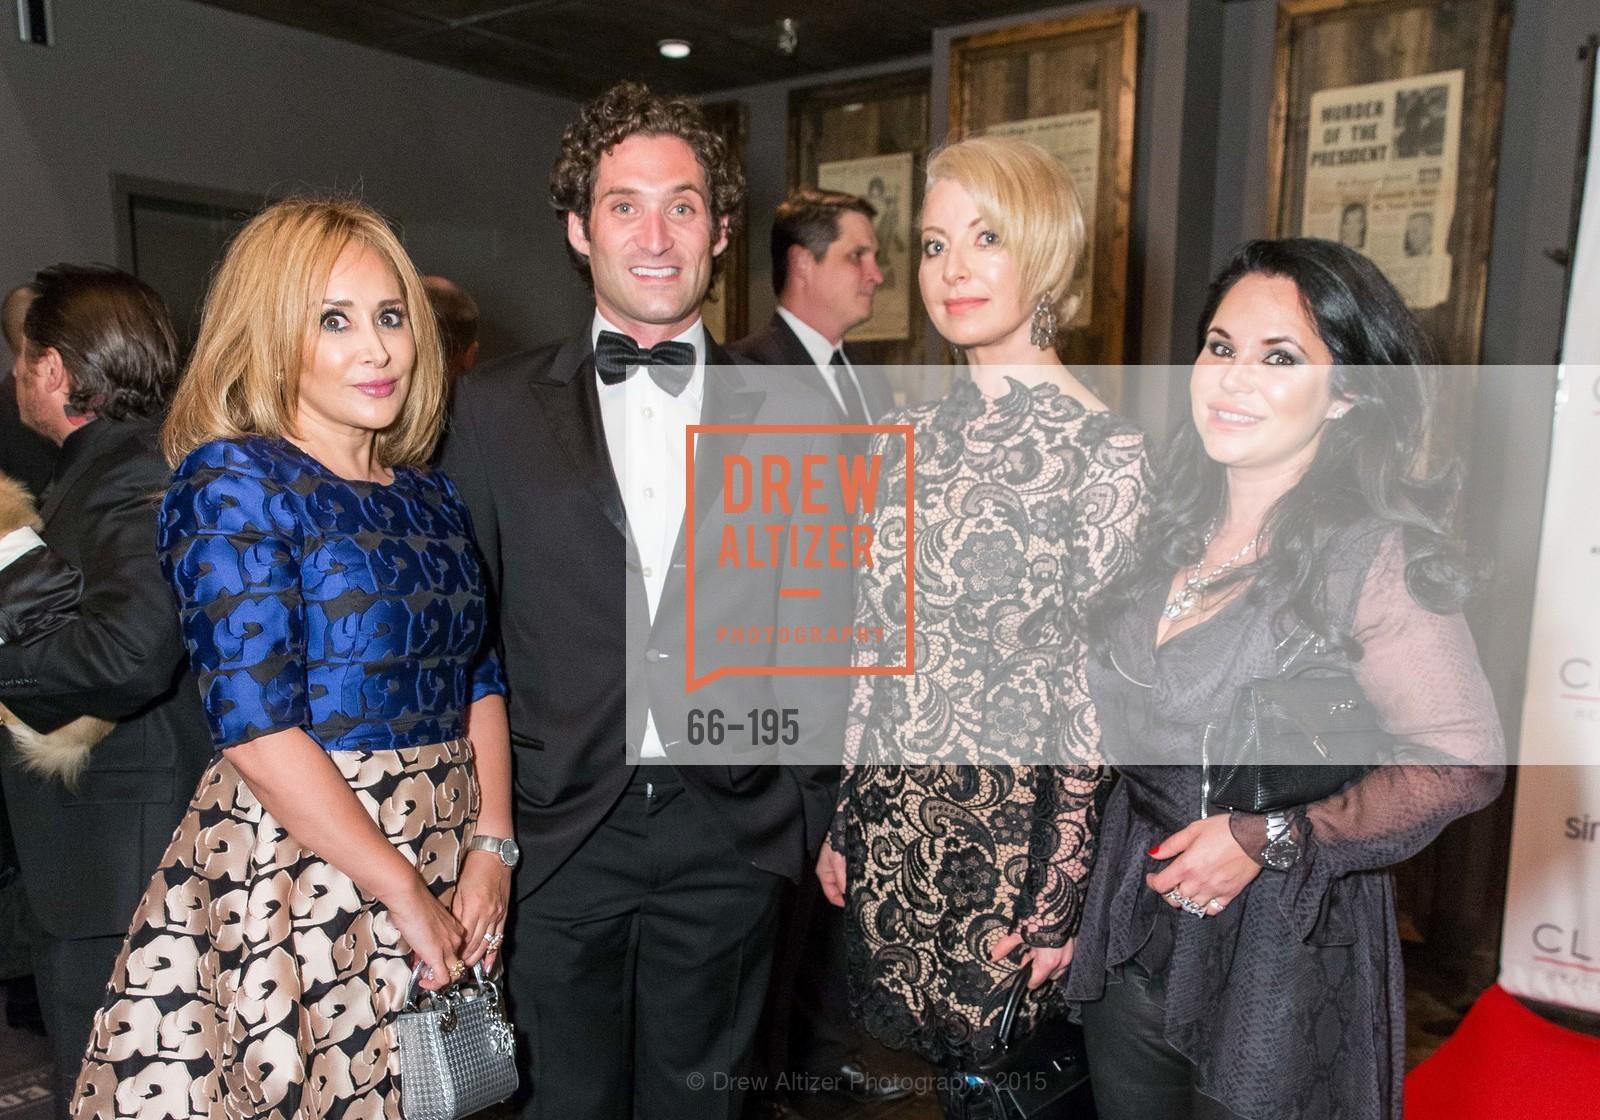 Brenda Zarate, Justin Fichelson, Sonya Molodetskaya, Rada Katz, Photo #66-195